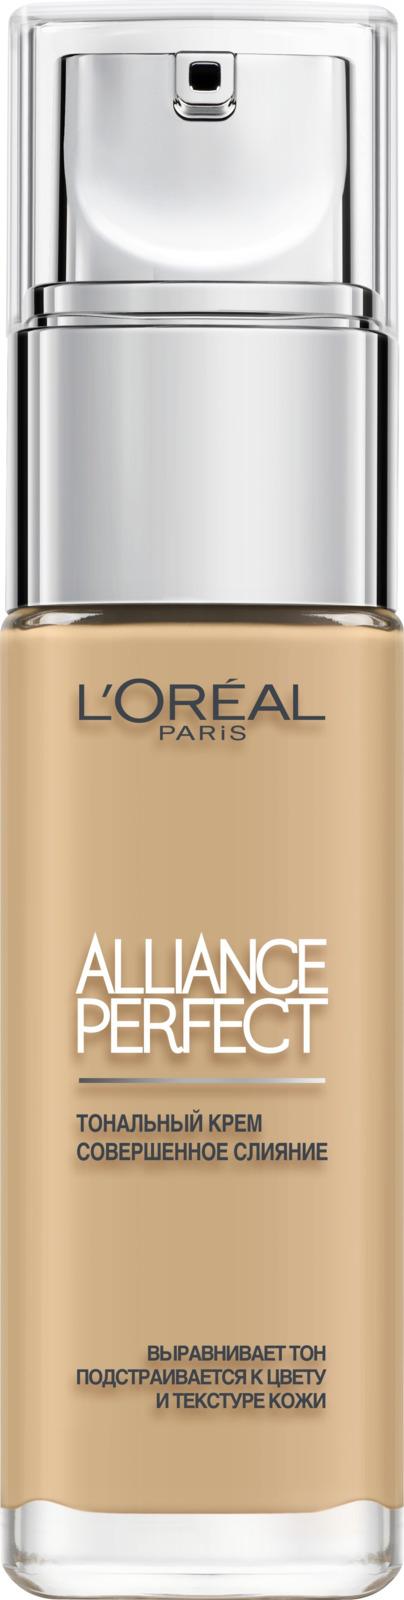 Тональный крем L'Oreal Paris